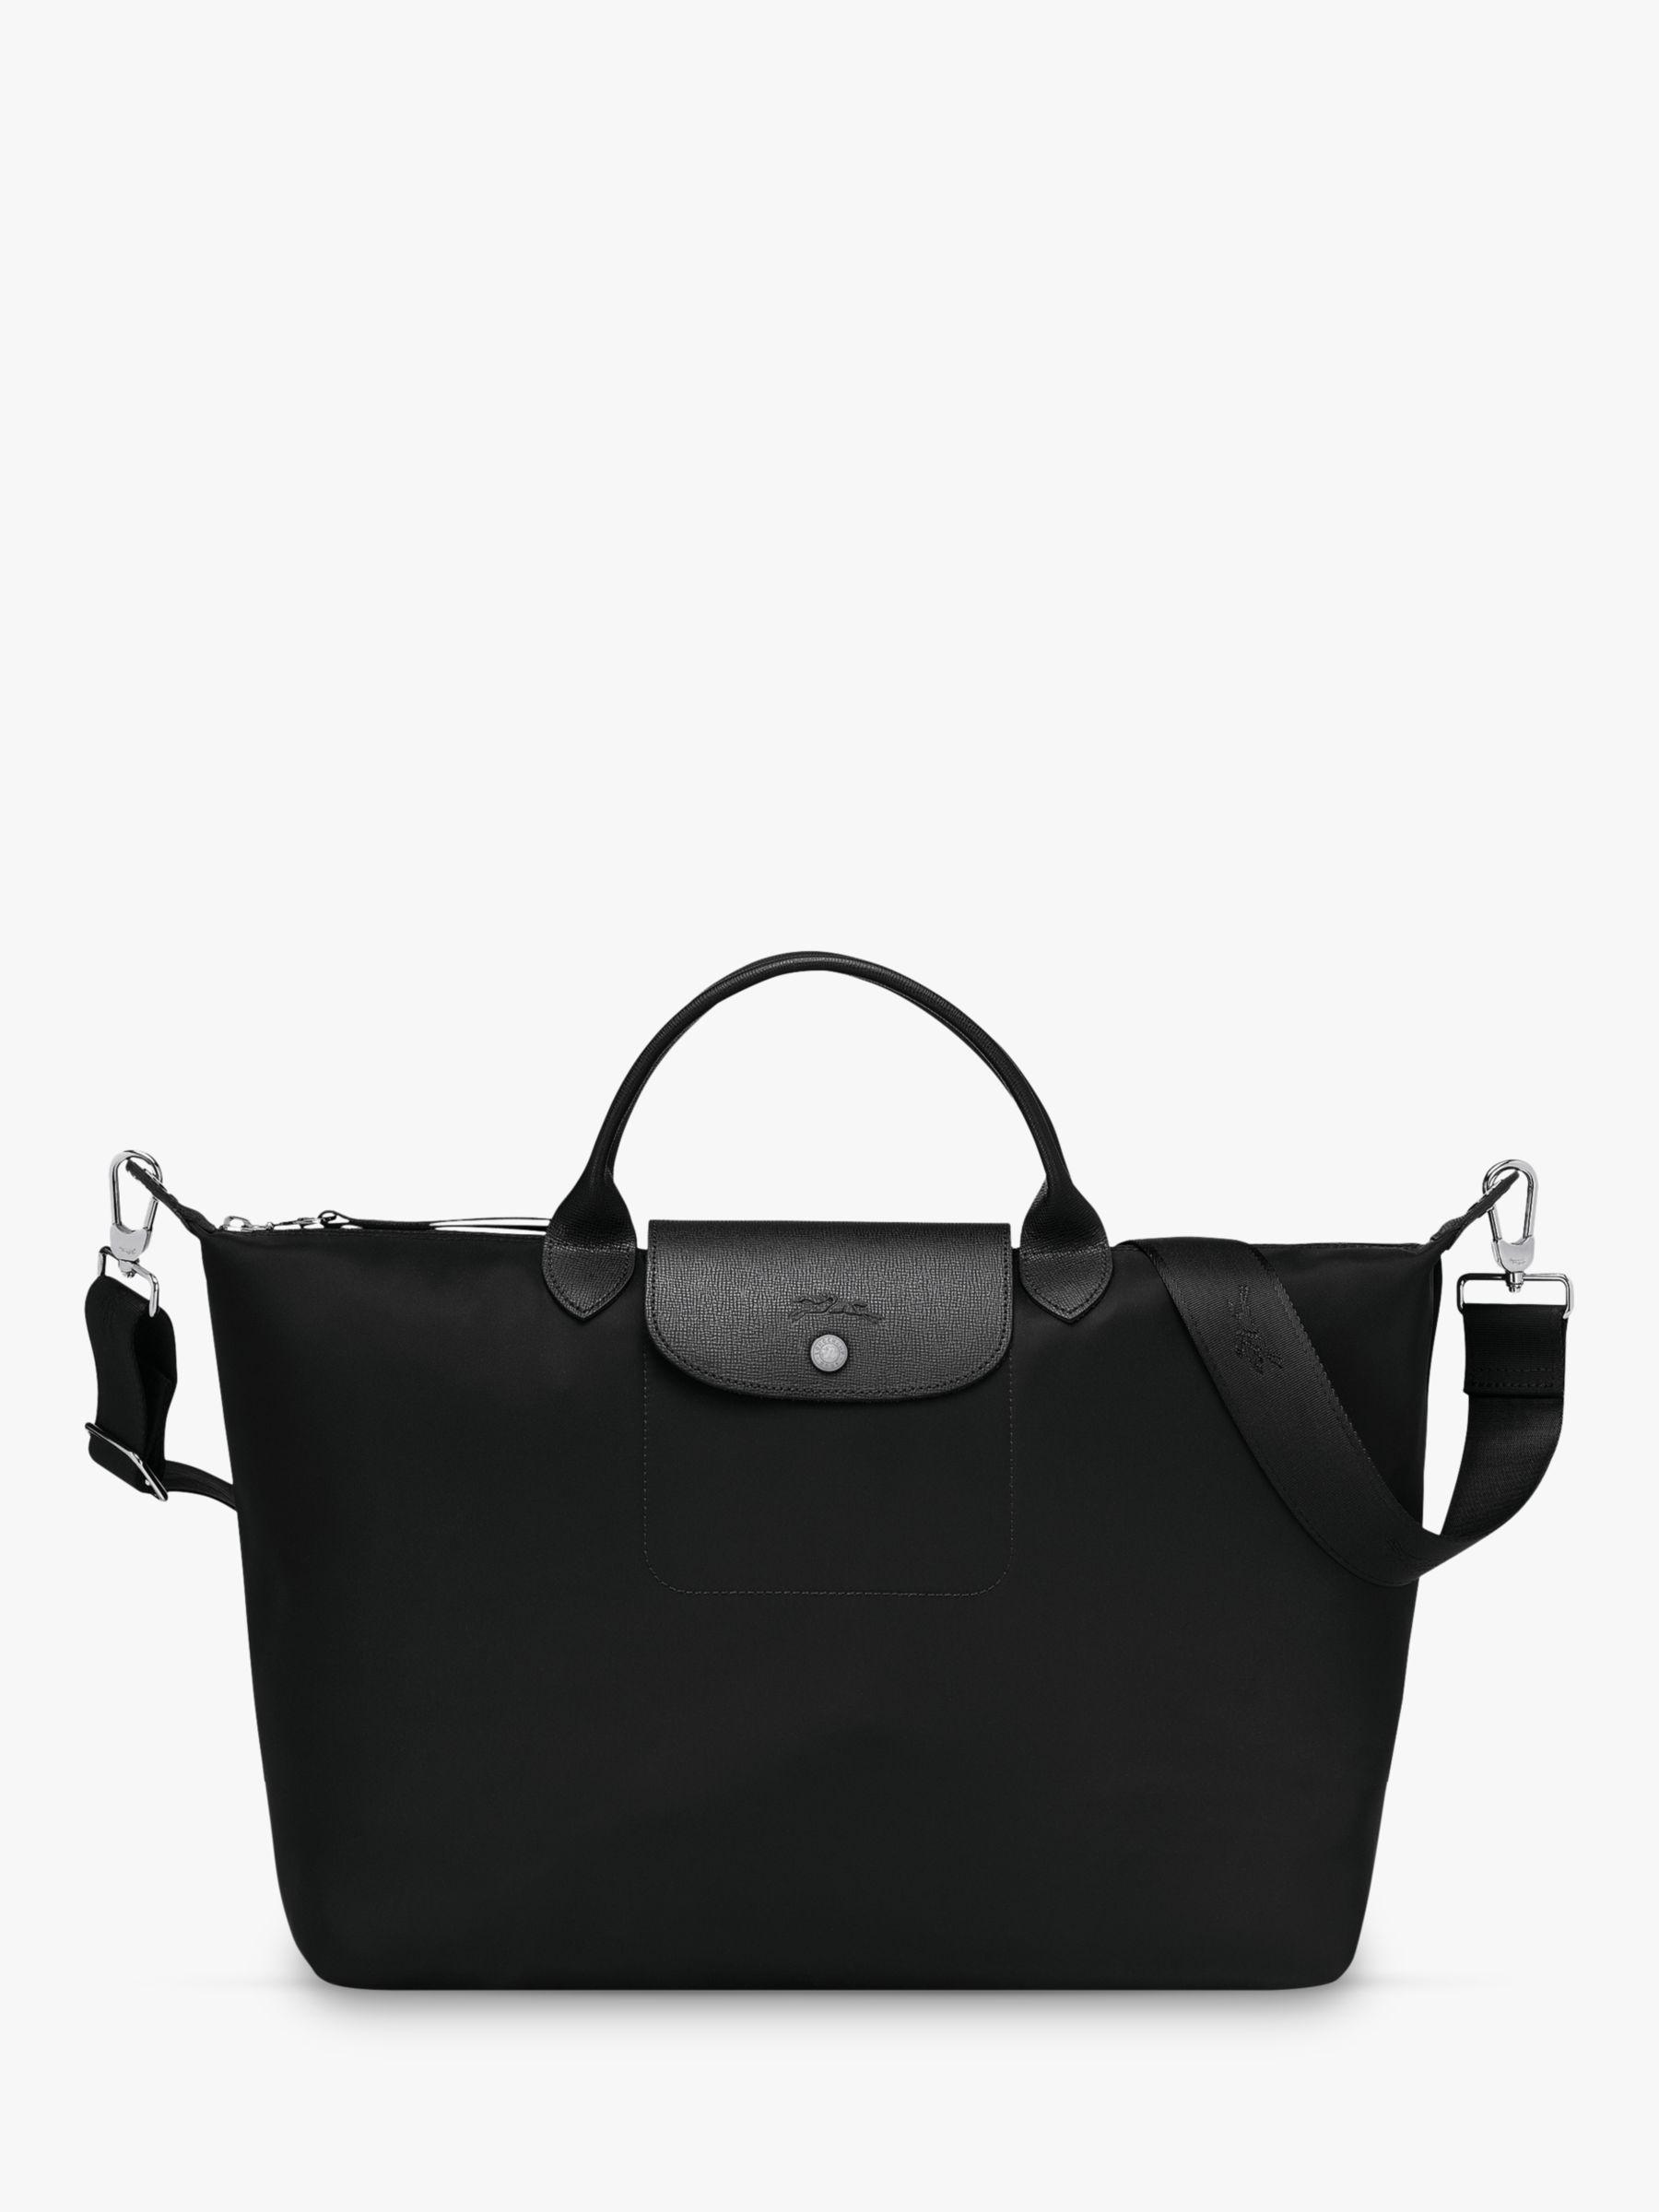 Longchamp Le Pliage Néo XL Top Handle Bag, Black